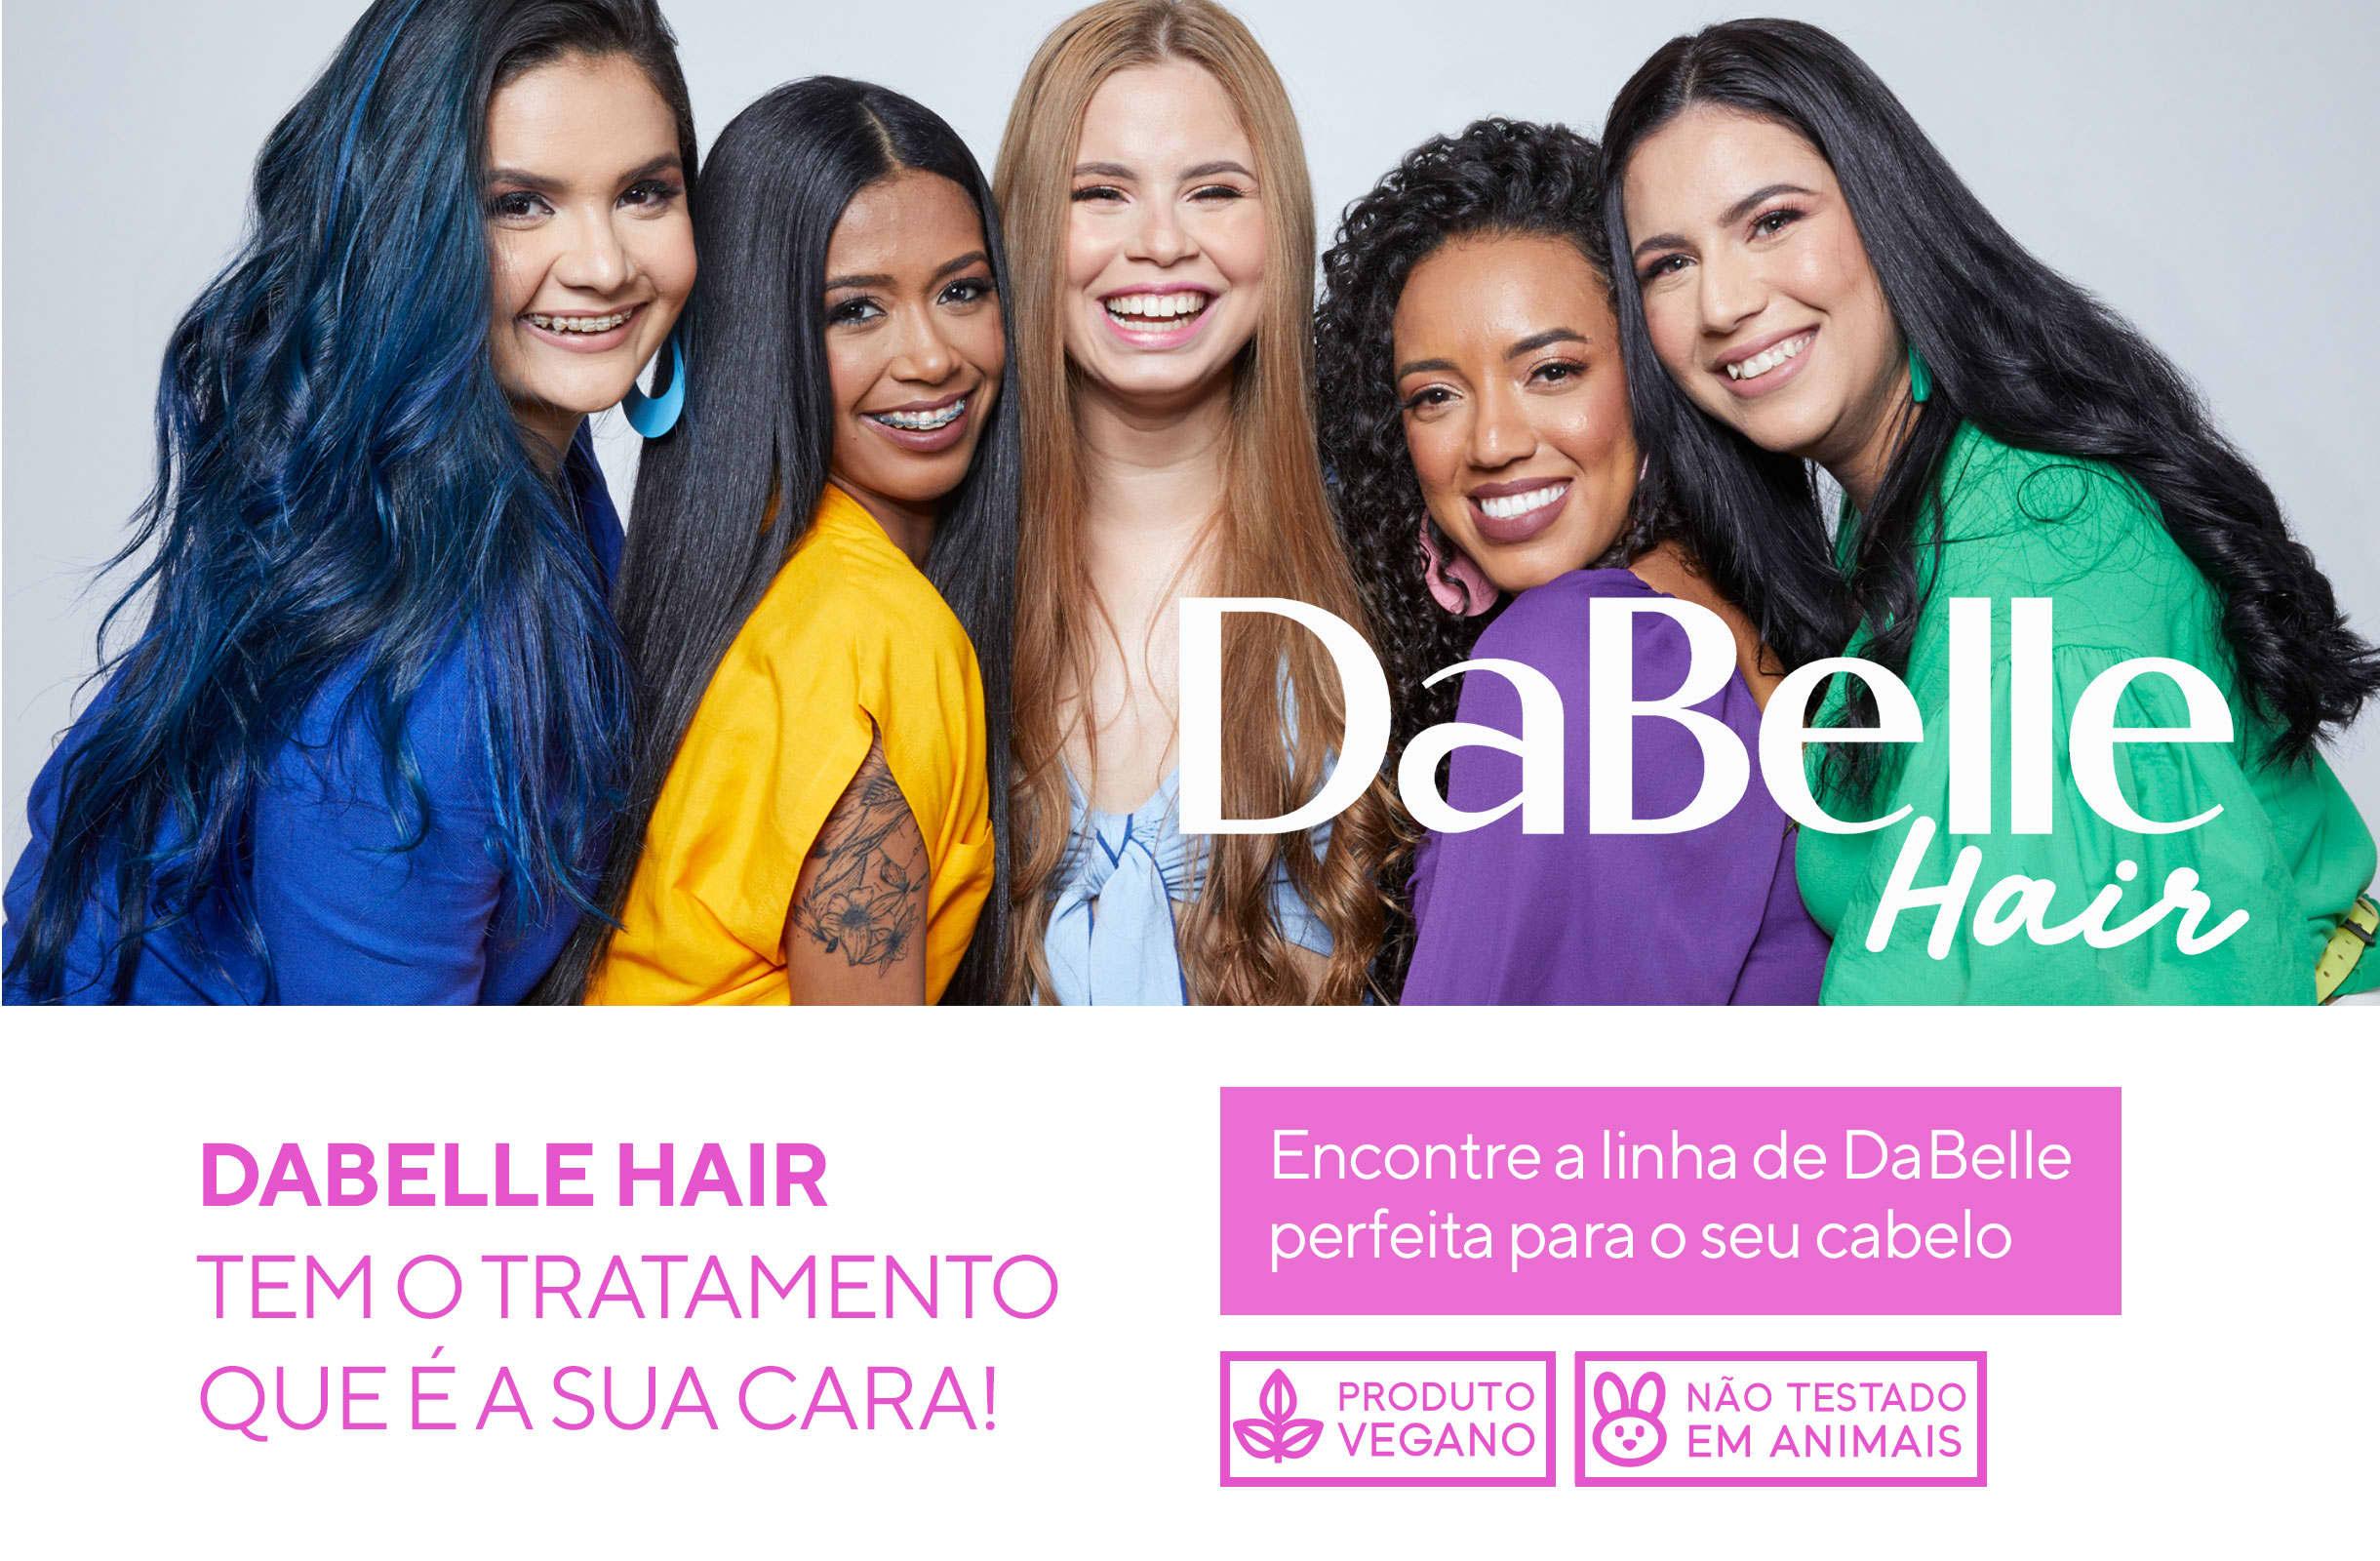 DaBelle Hair: tratamento que é a sua cara